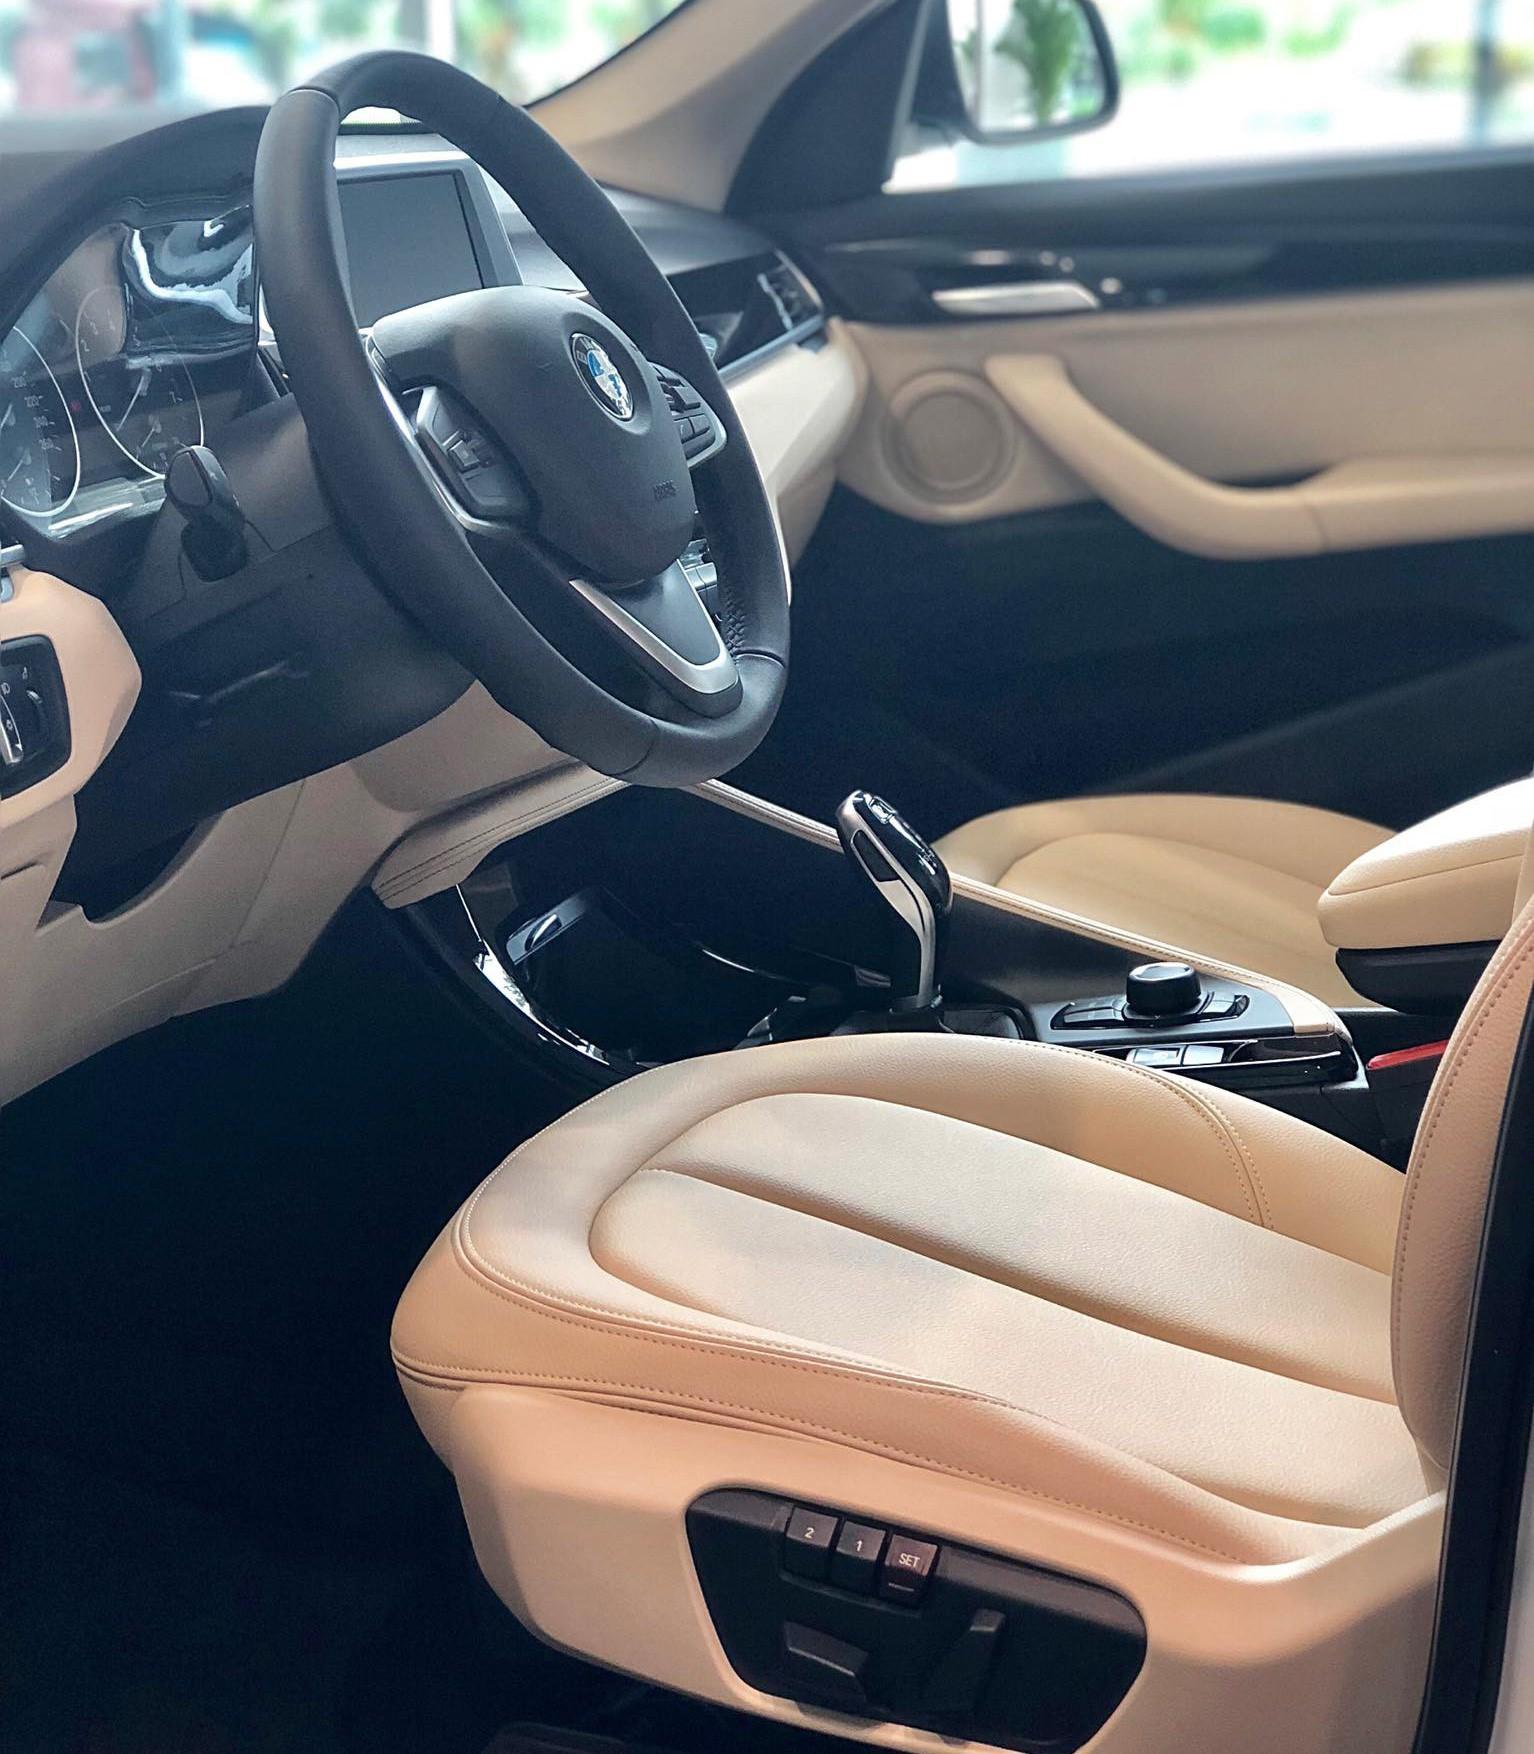 2018 Bmw X1 Camshaft: BMW X1 XLine 2018 được THACO Nhập Về Có Giá Hơn 1,8 Tỷ